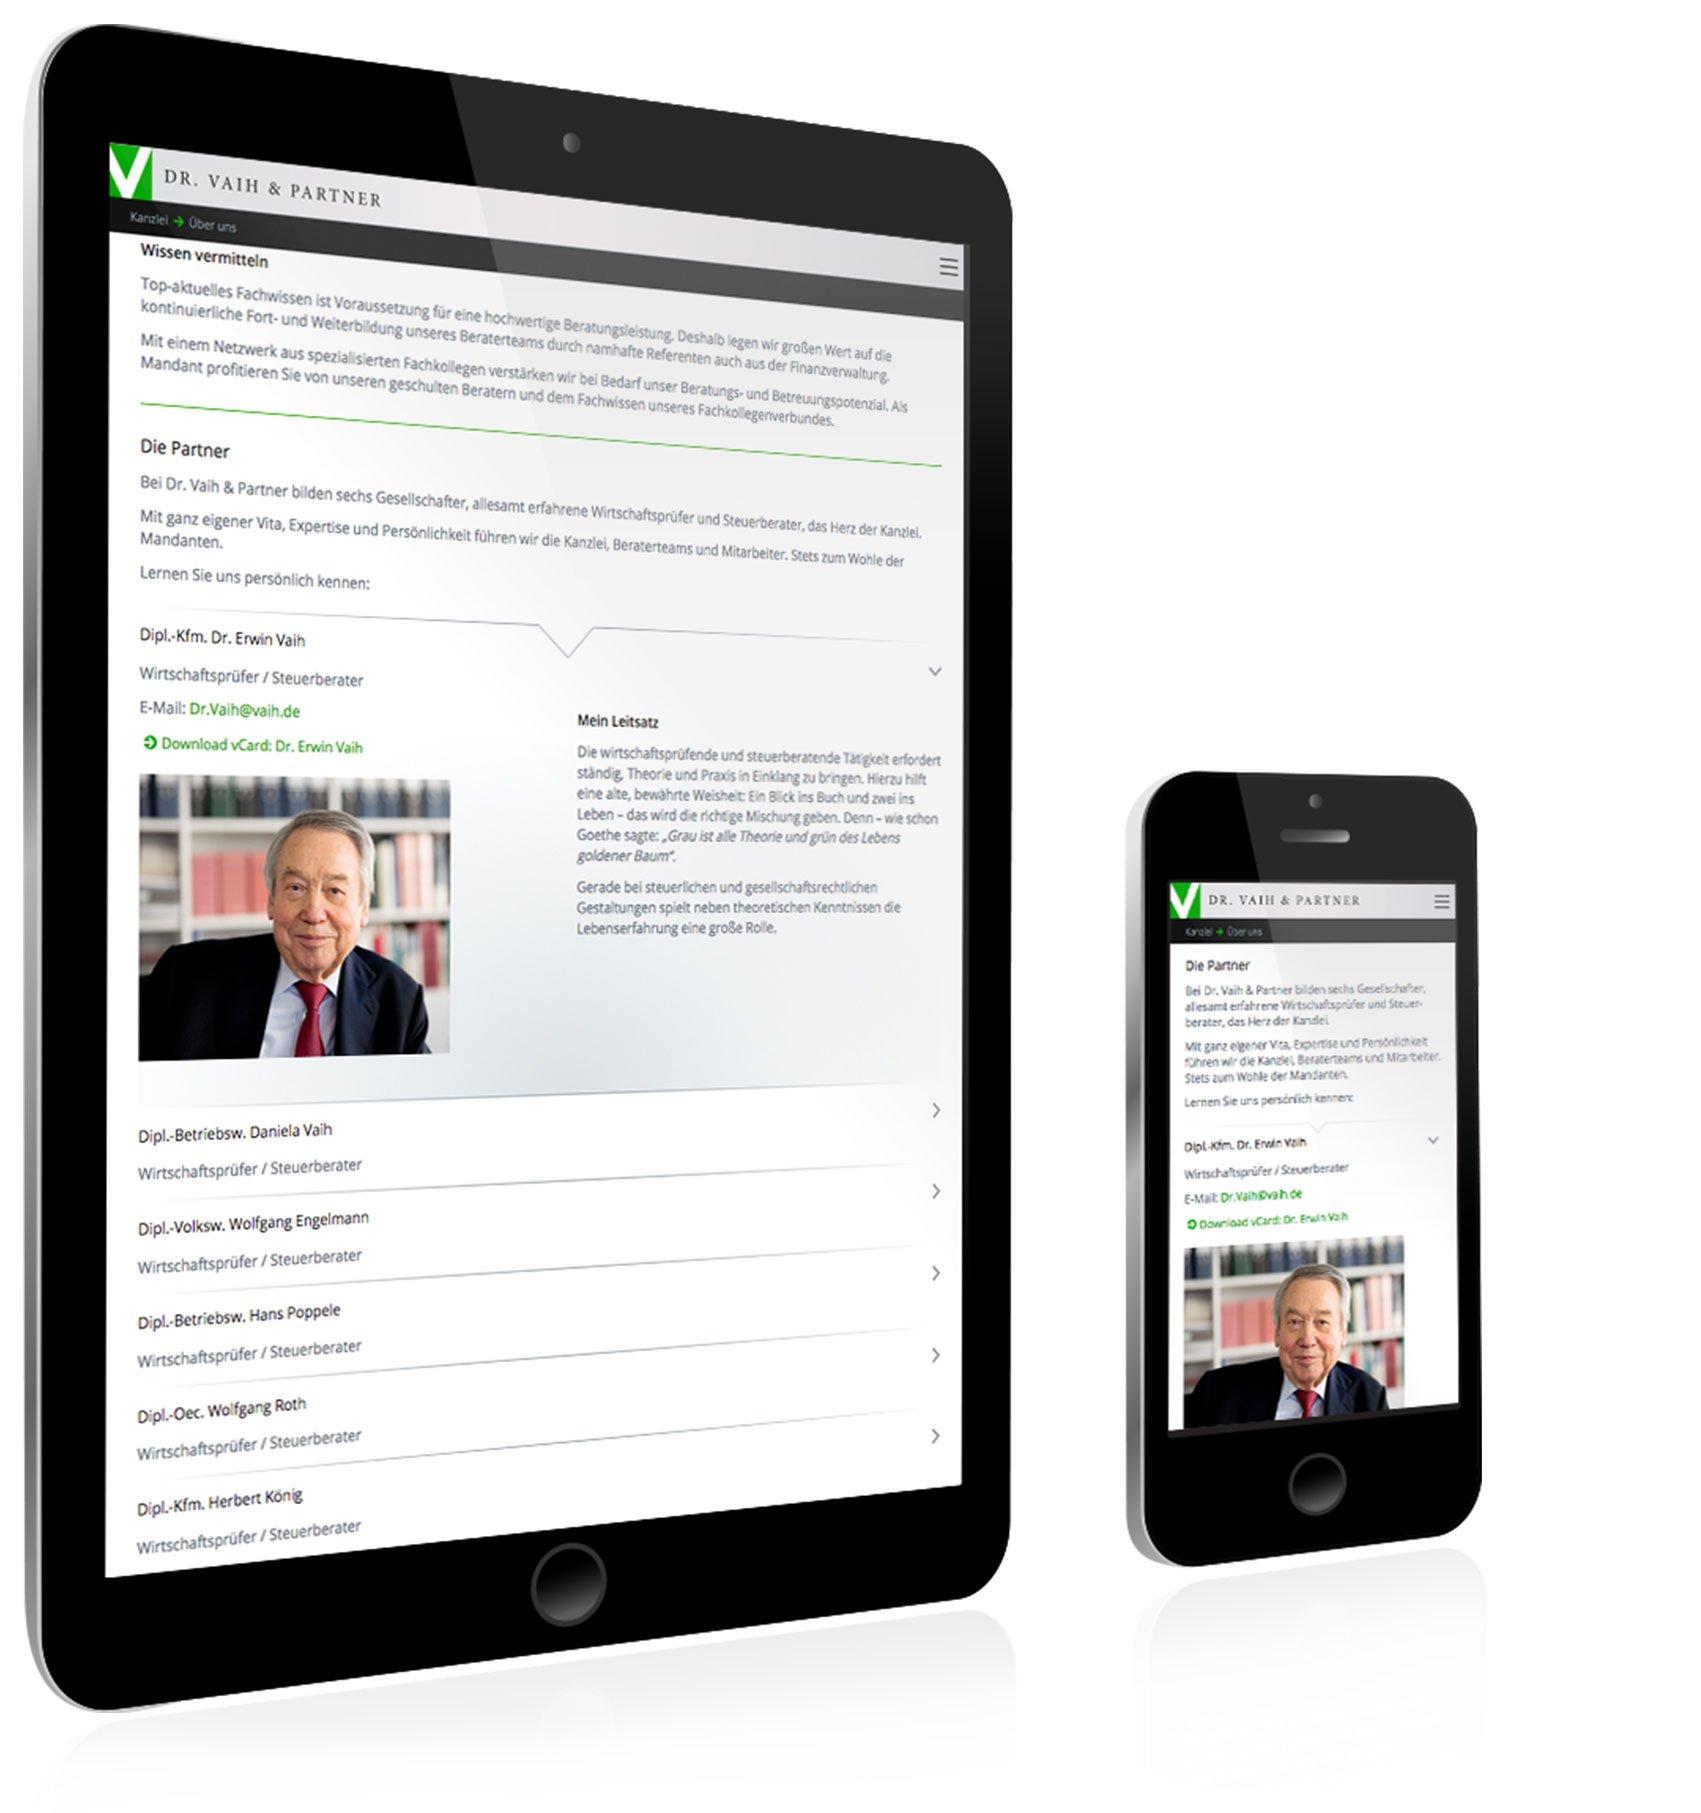 Responsive Webdesign für Dr. Vaih und Partner Stuttgart: DIE NEUDENKER® Agentur, Darmstadt